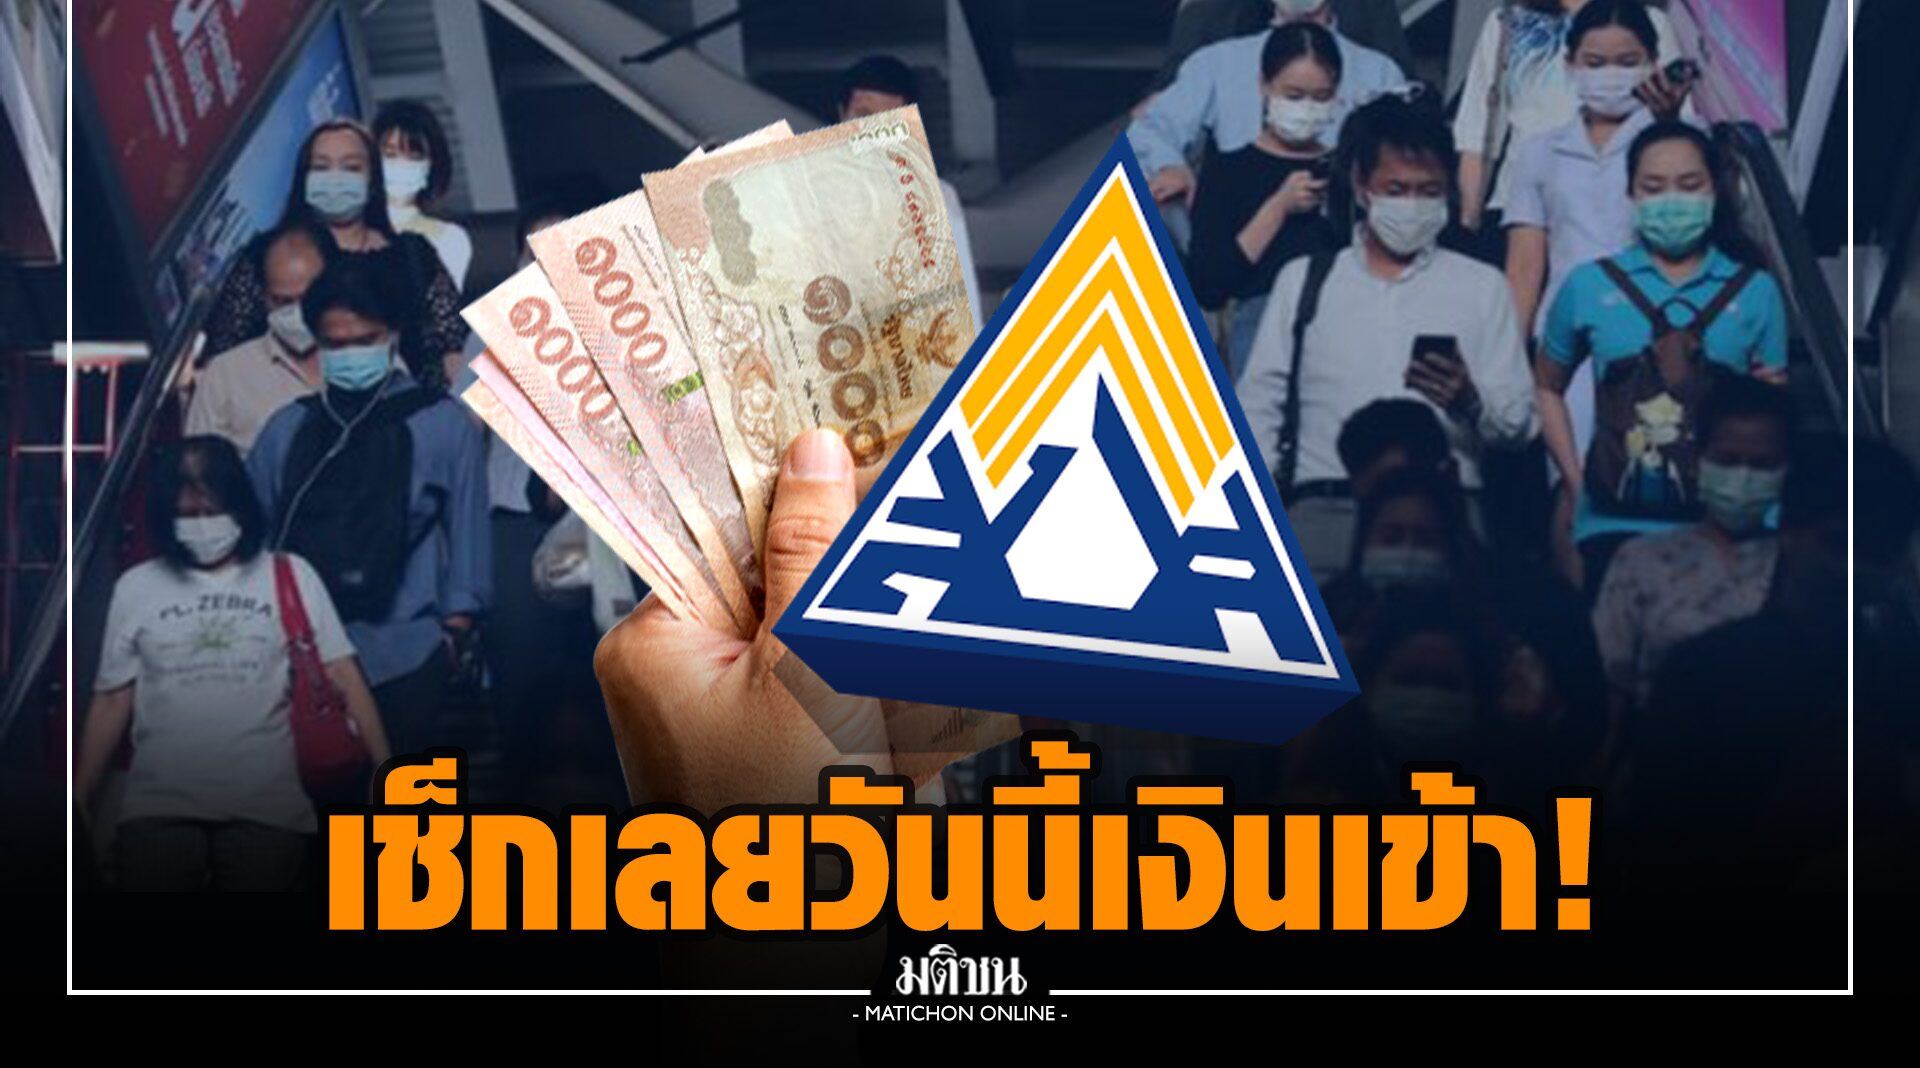 วันนี้เงินเข้า! www.sso.go.th โอนเยียวยาผู้ประกันตน ม.39 รับ 5,000 บ. รอบ 2